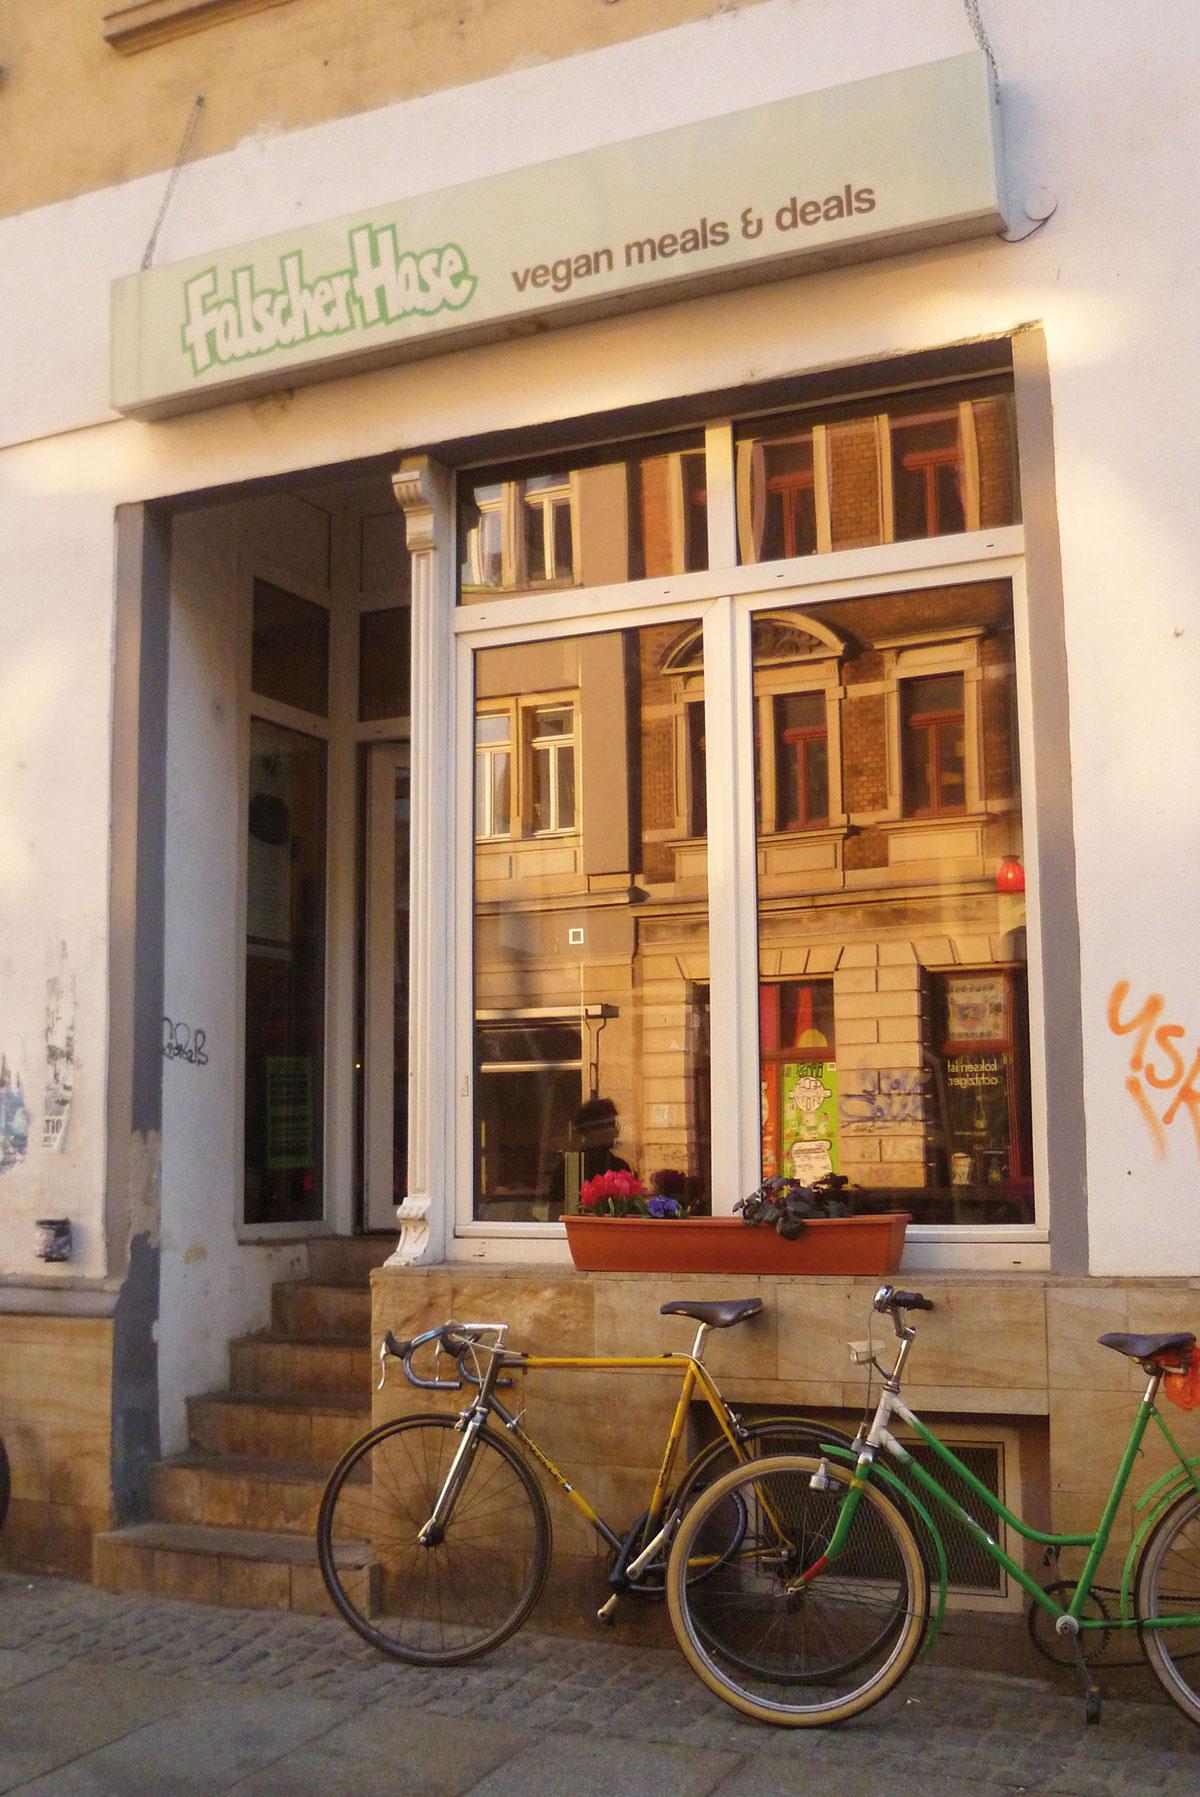 In der Fensterscheibe, vor der ein Fahrrad steht, des Dresdner Restaurants Falscher Hase reflektiert der rote Sonnenuntergang.